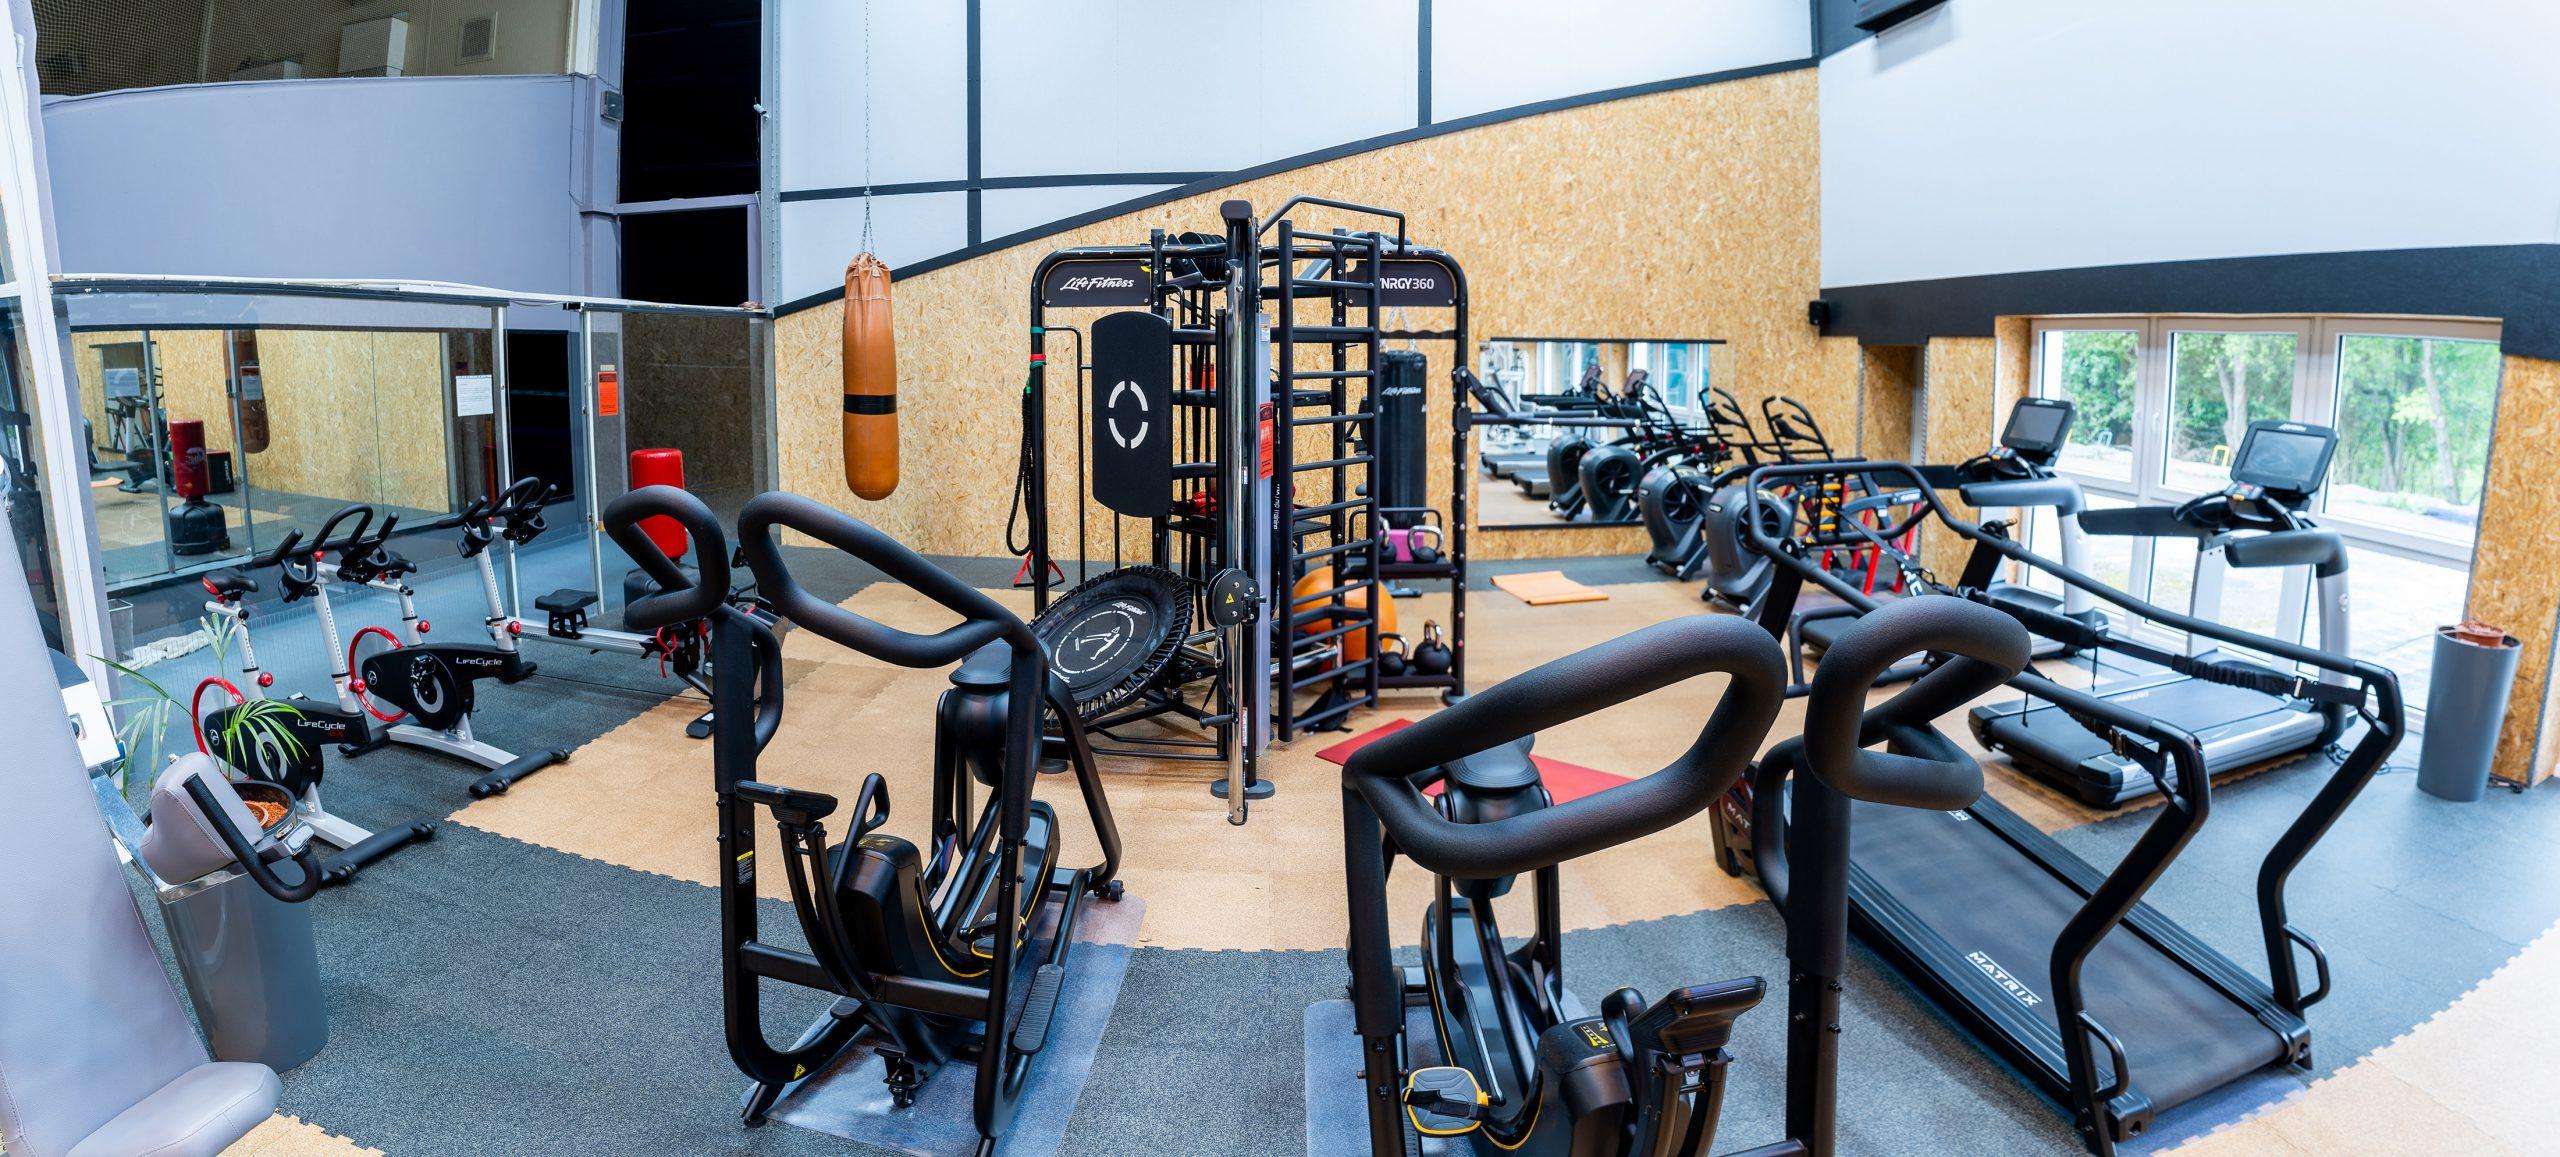 Fitnessbereich - Laufbänder im Sportpark Nord Nürnberg